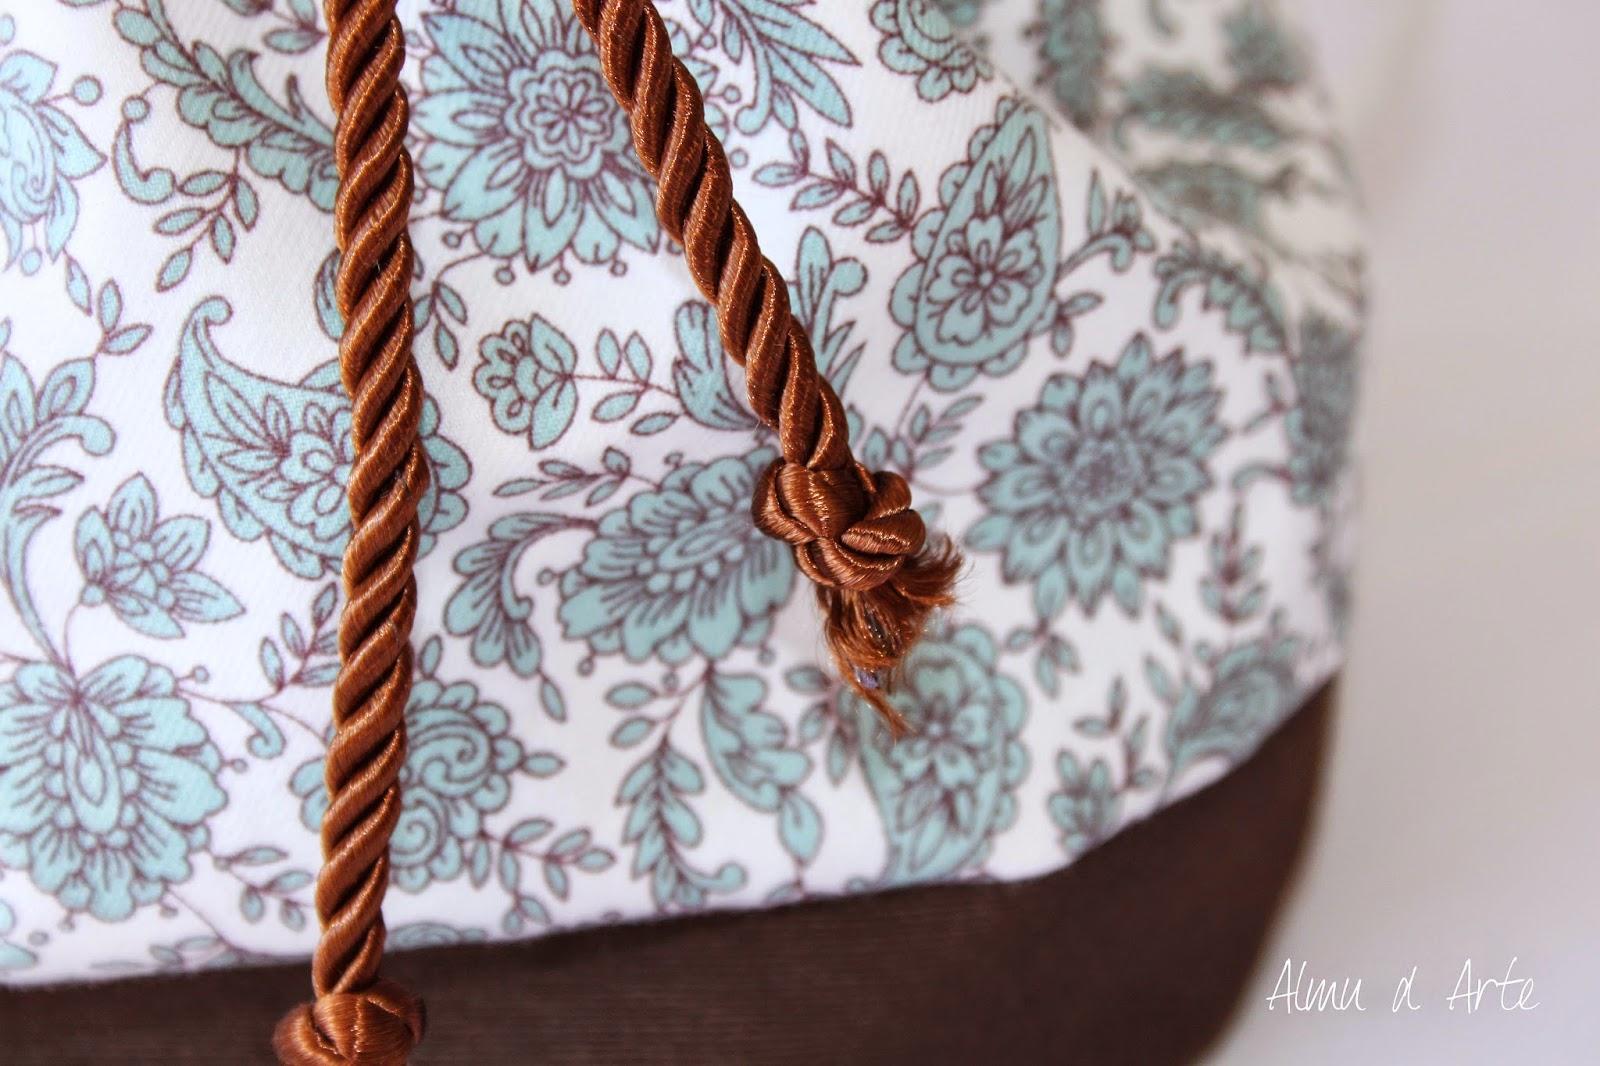 Tejido estampado para un bolso hecho a mano